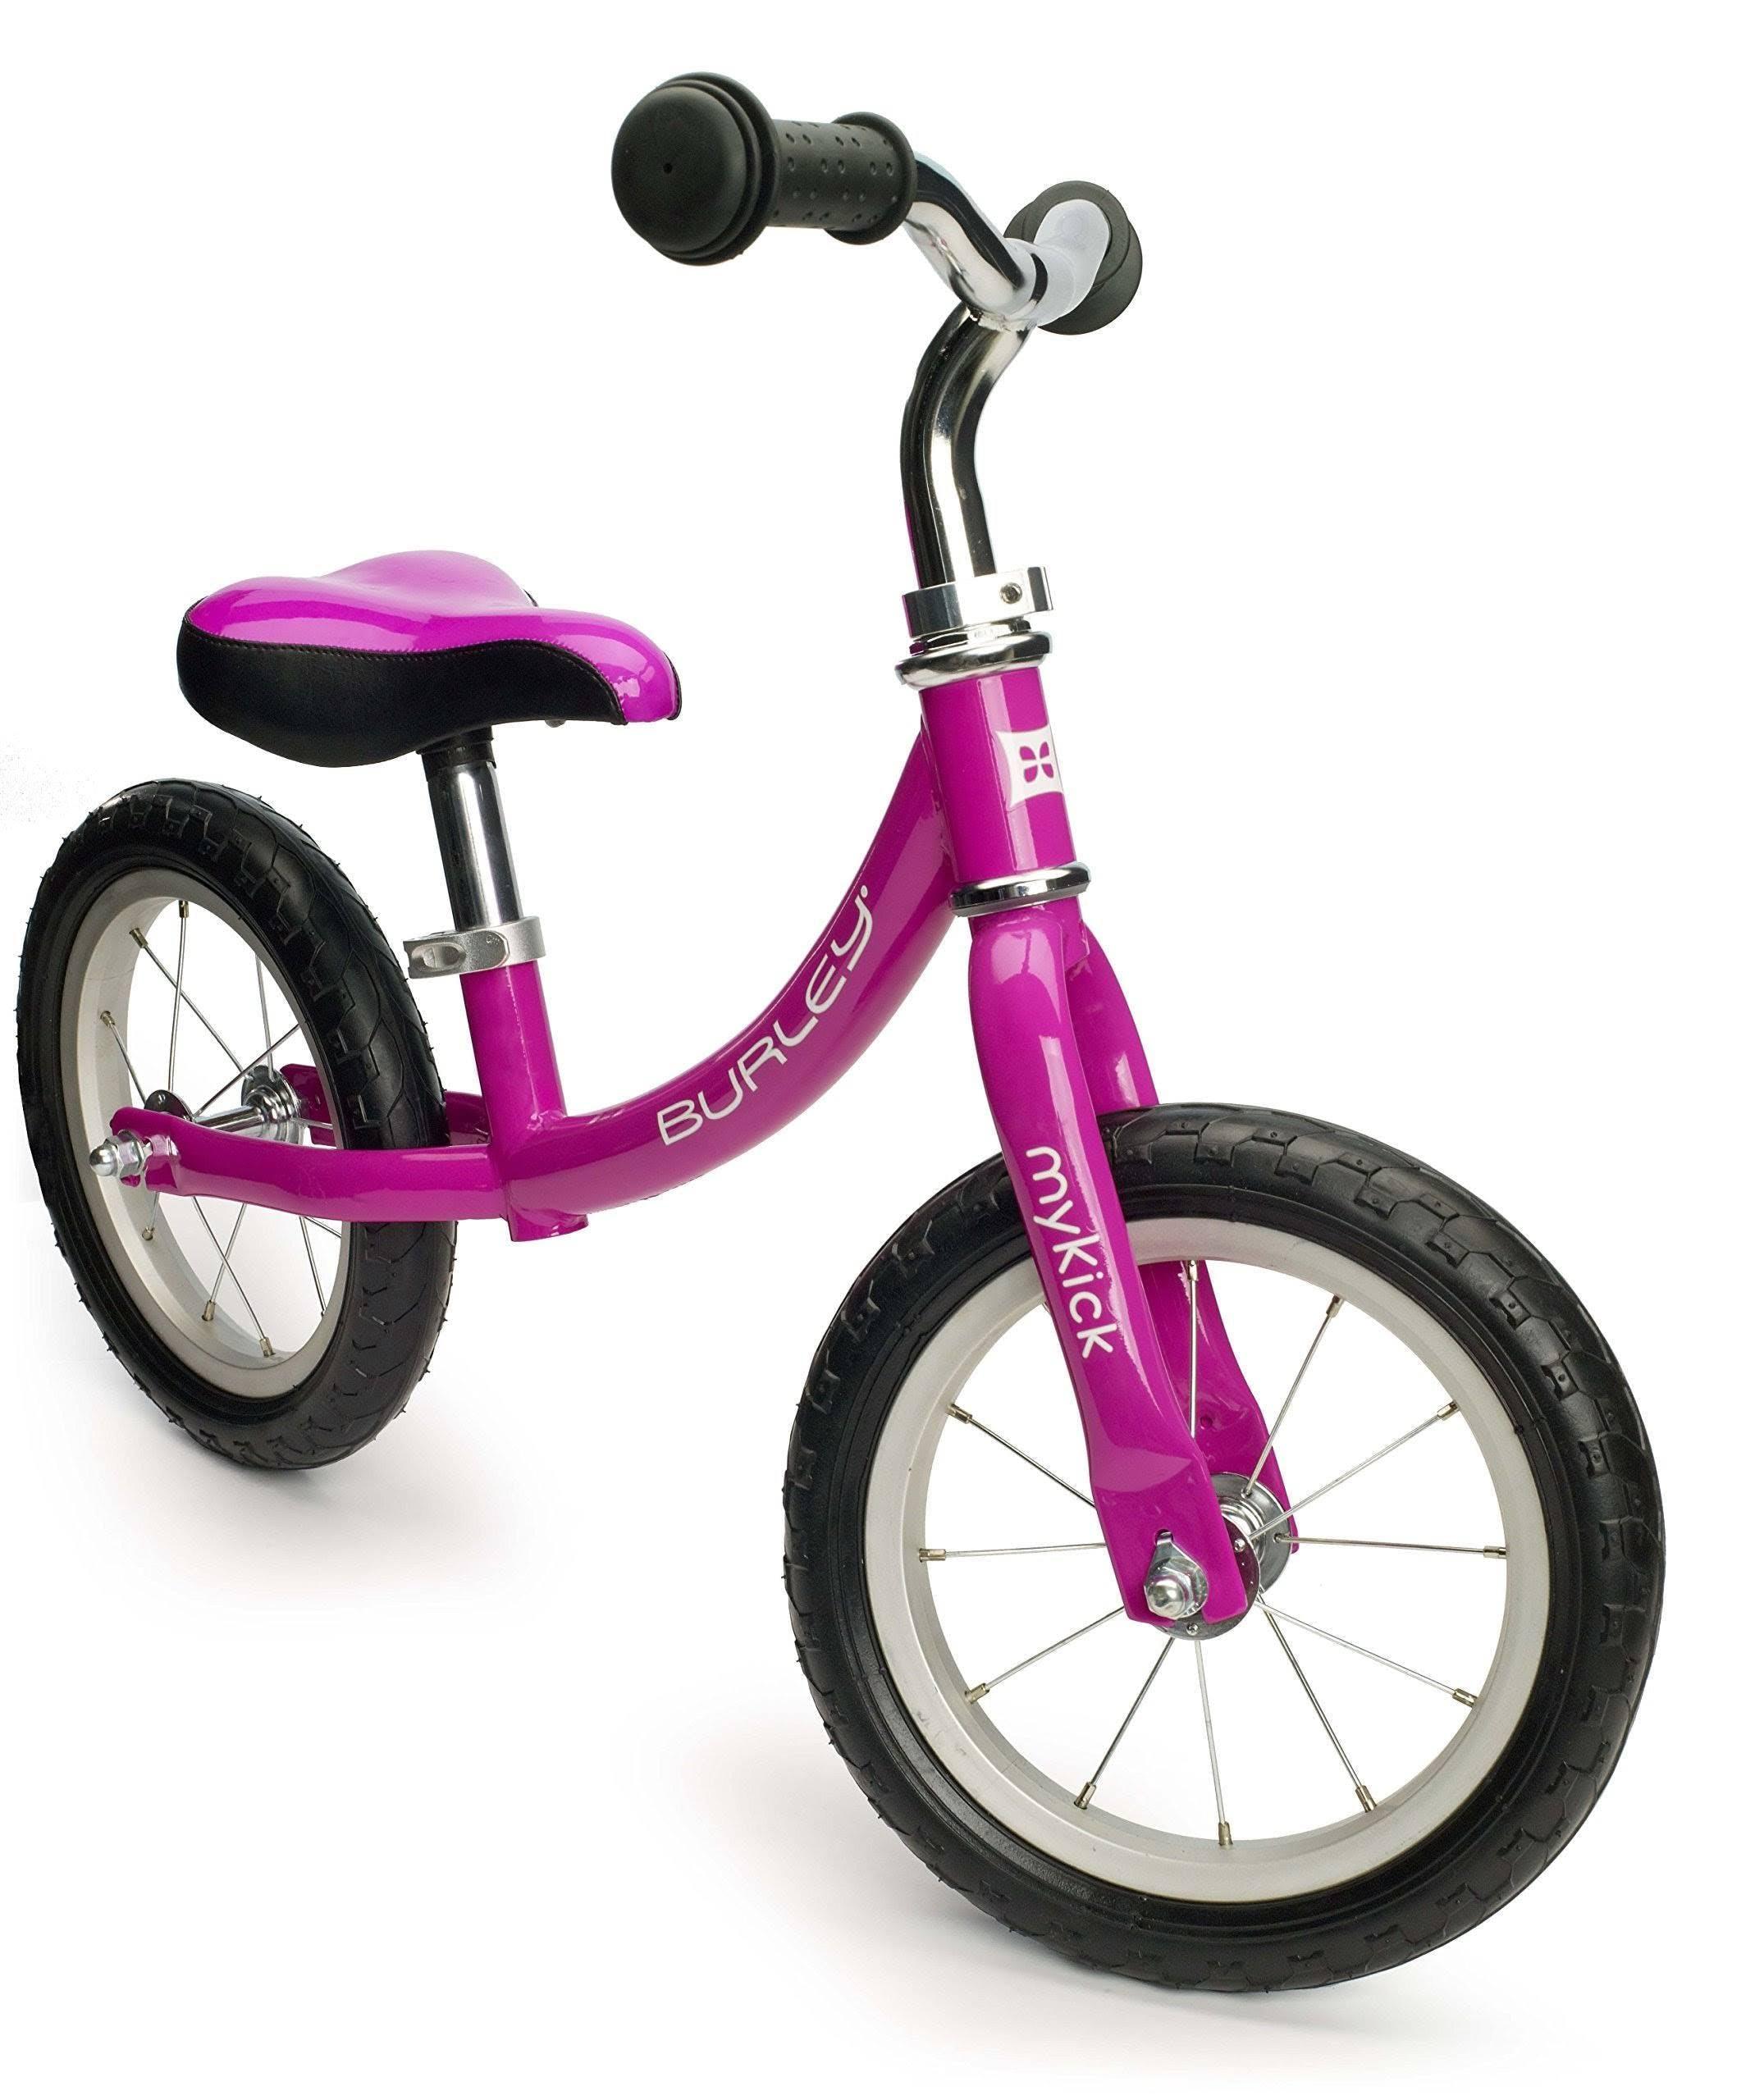 Burley Balance Bike MyKick